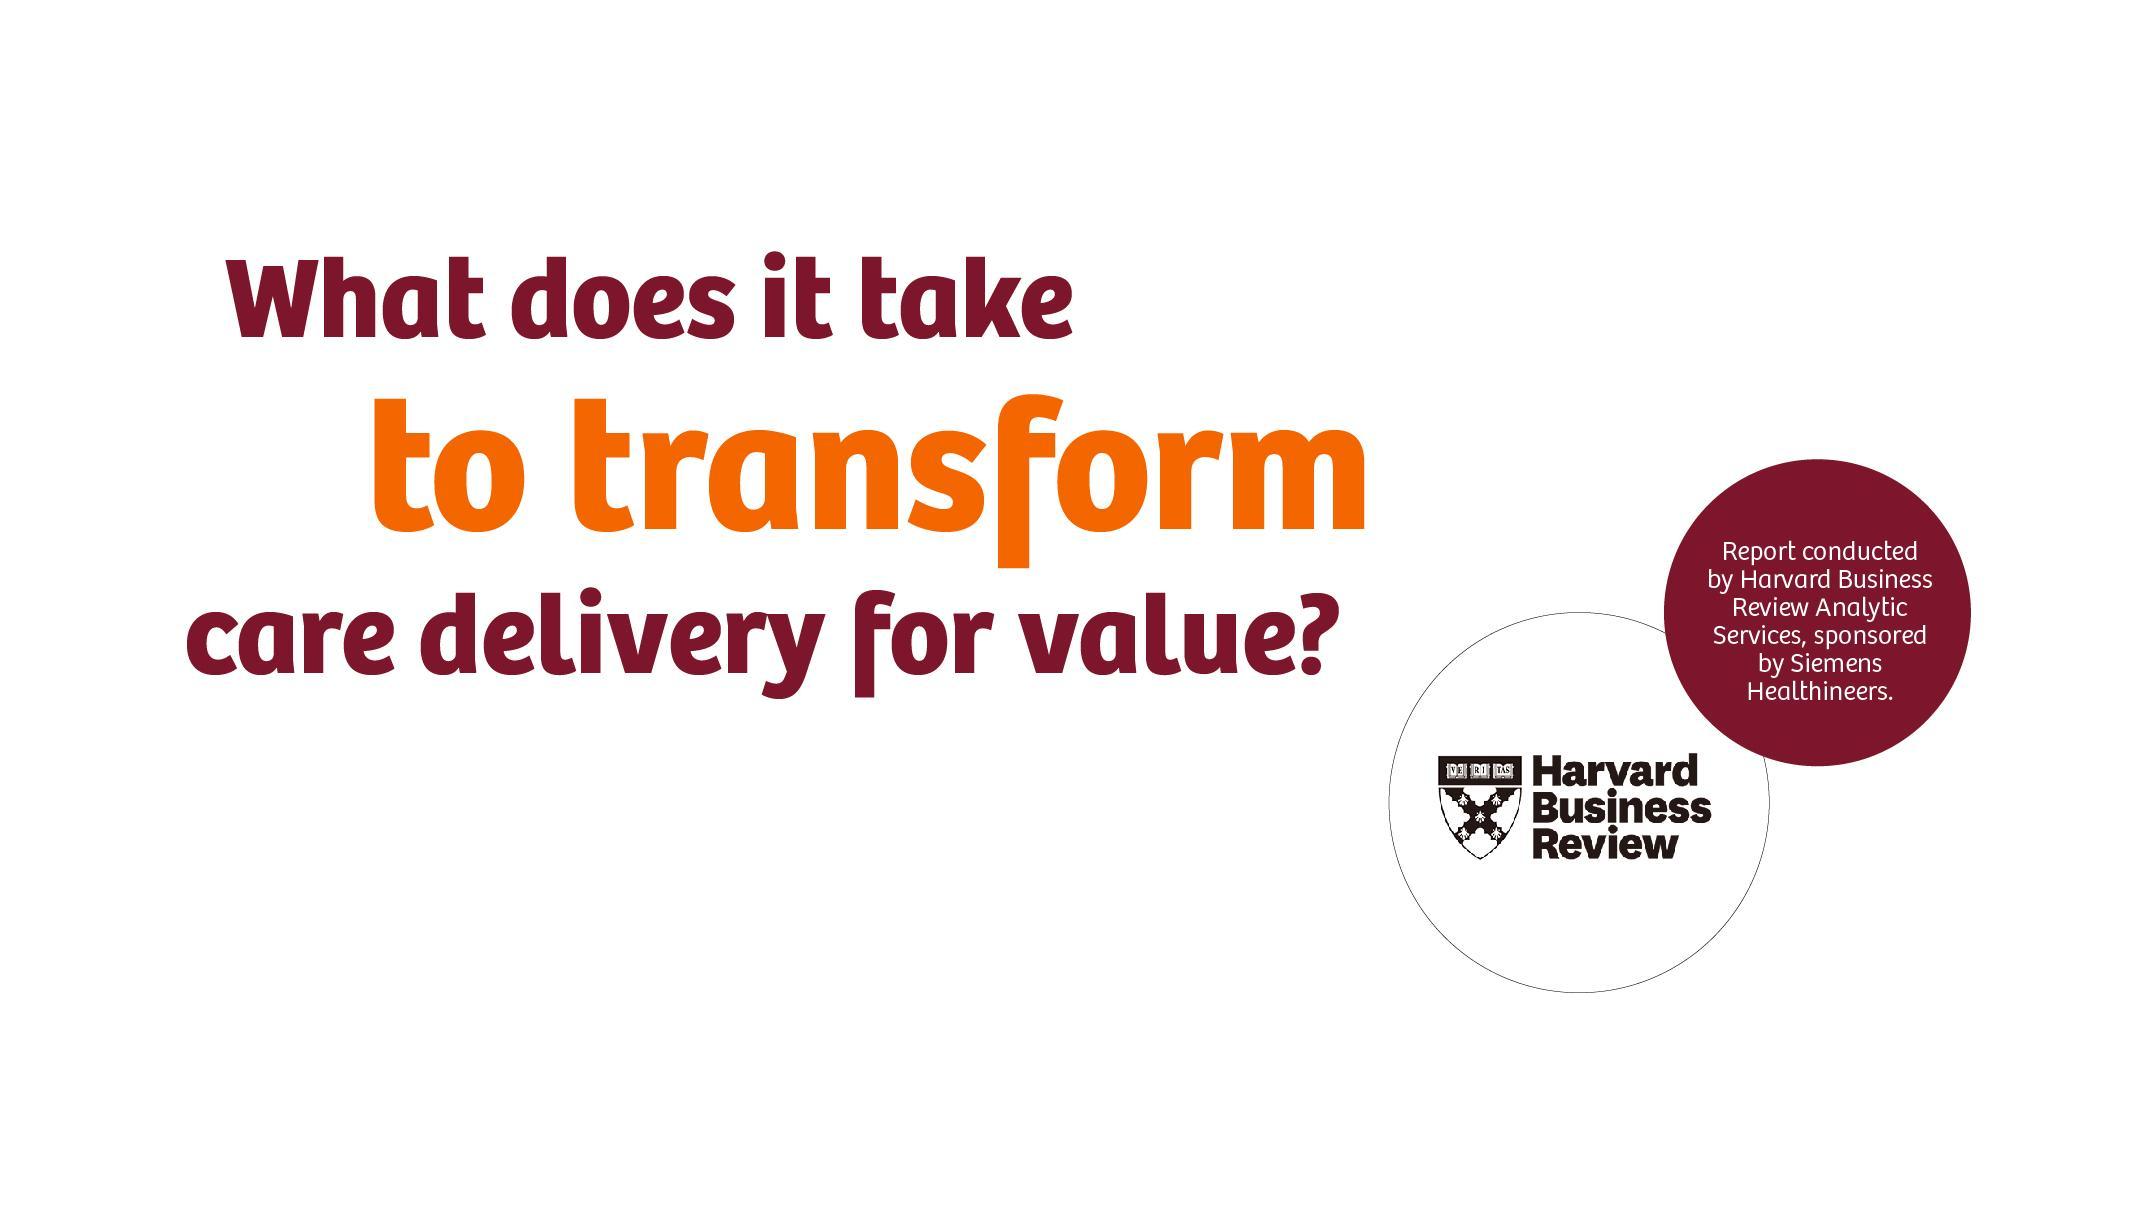 医療サービス提供の変革、ハーバード・ビジネス・レビュー・アナリティック・サービス、Siemens Healthineers 協賛